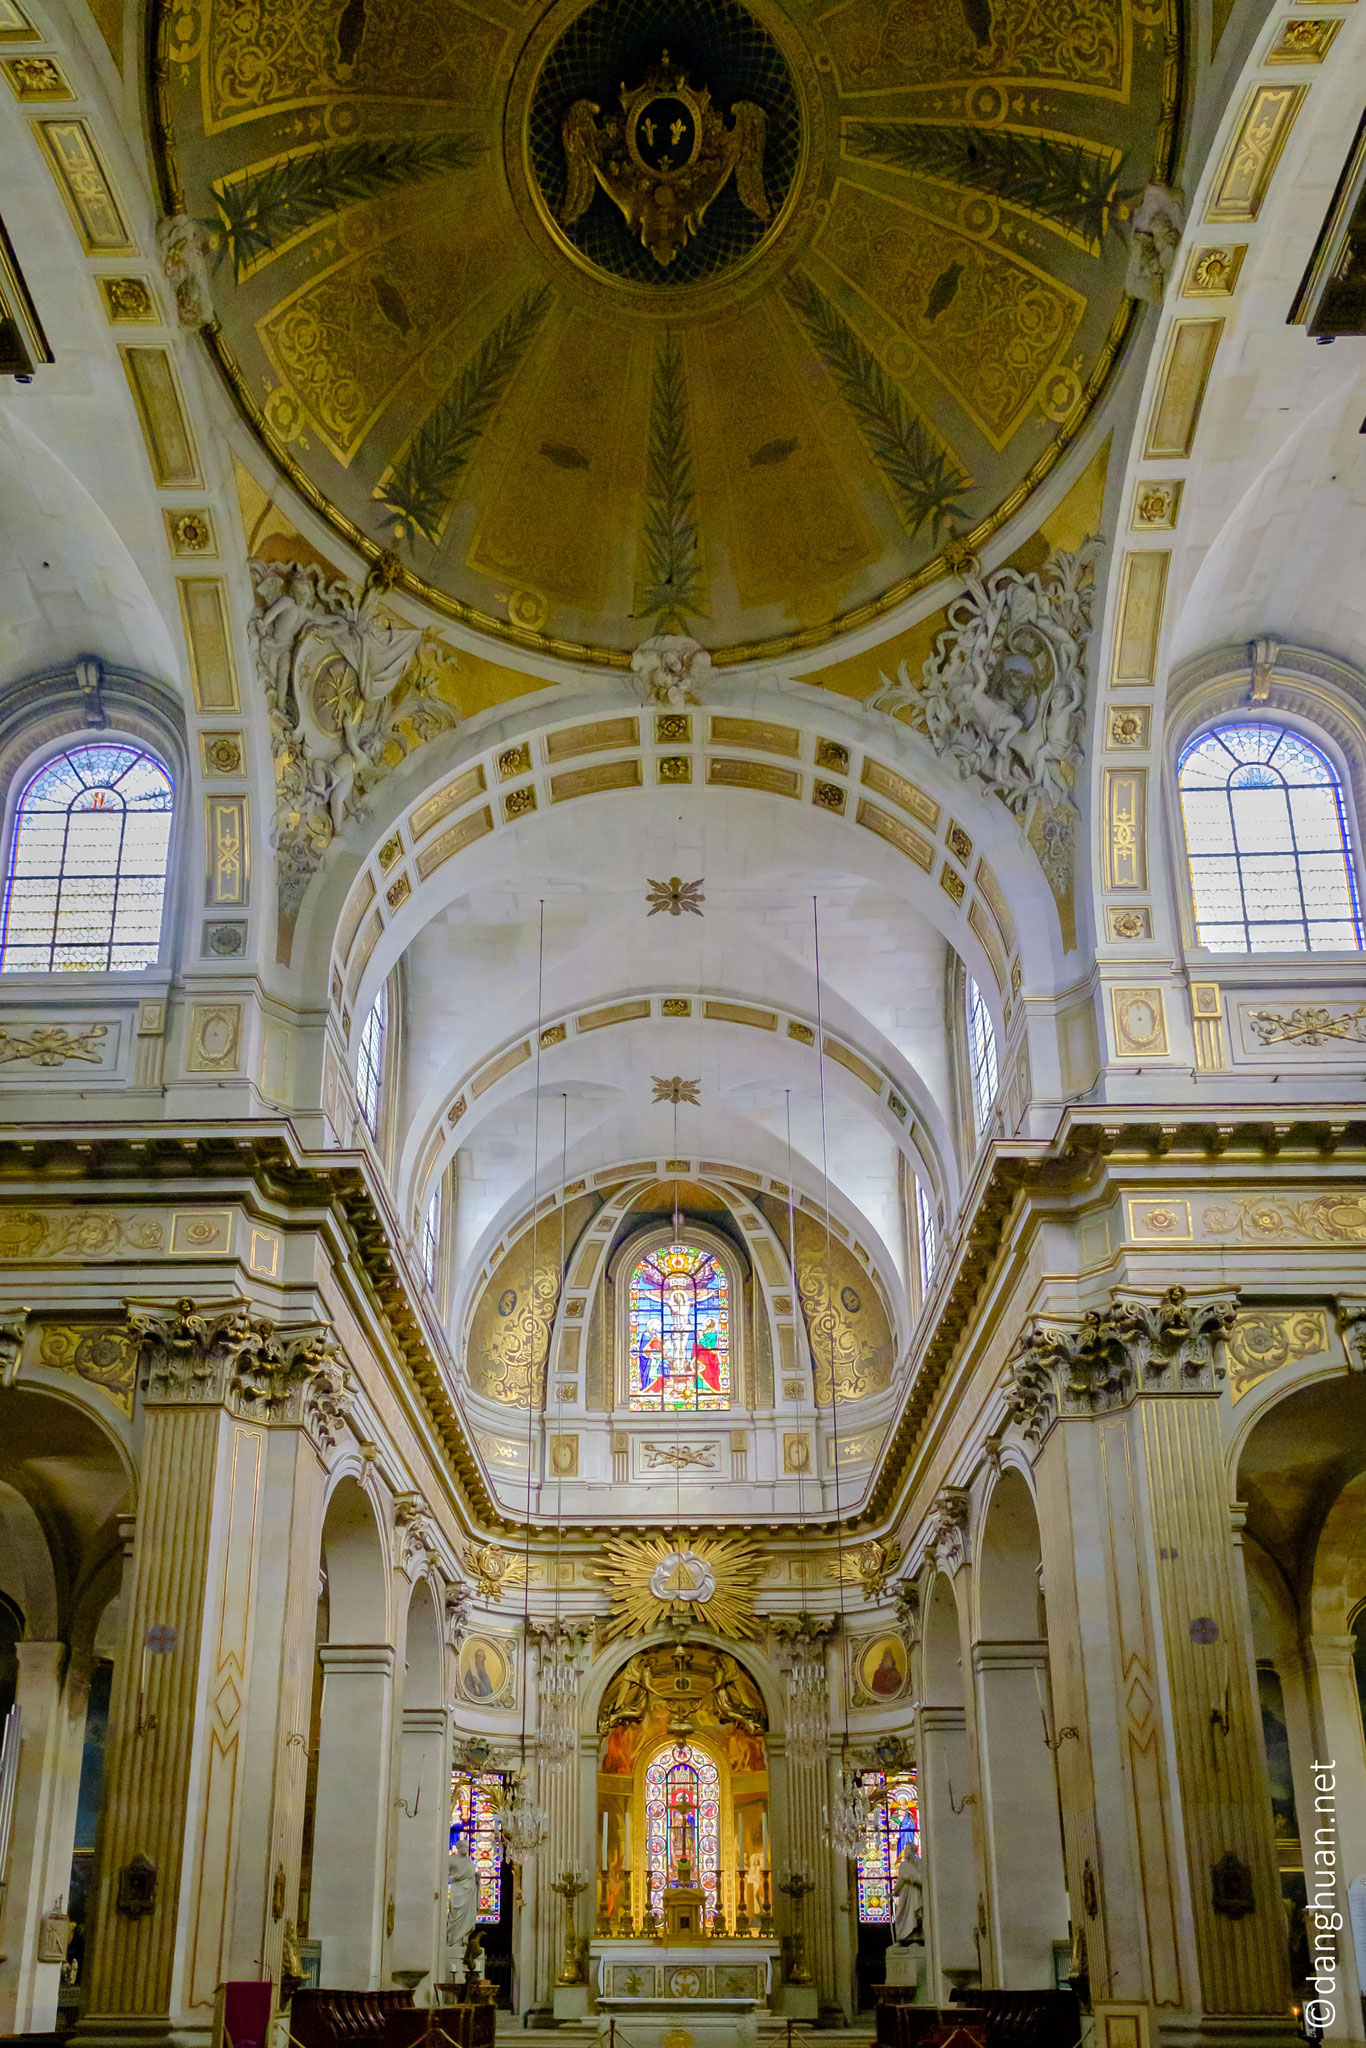 Eglise St Louis en l'île :  construite en plusieurs étapes de 1624 à 1726, longue de 60 m et large de 30 m